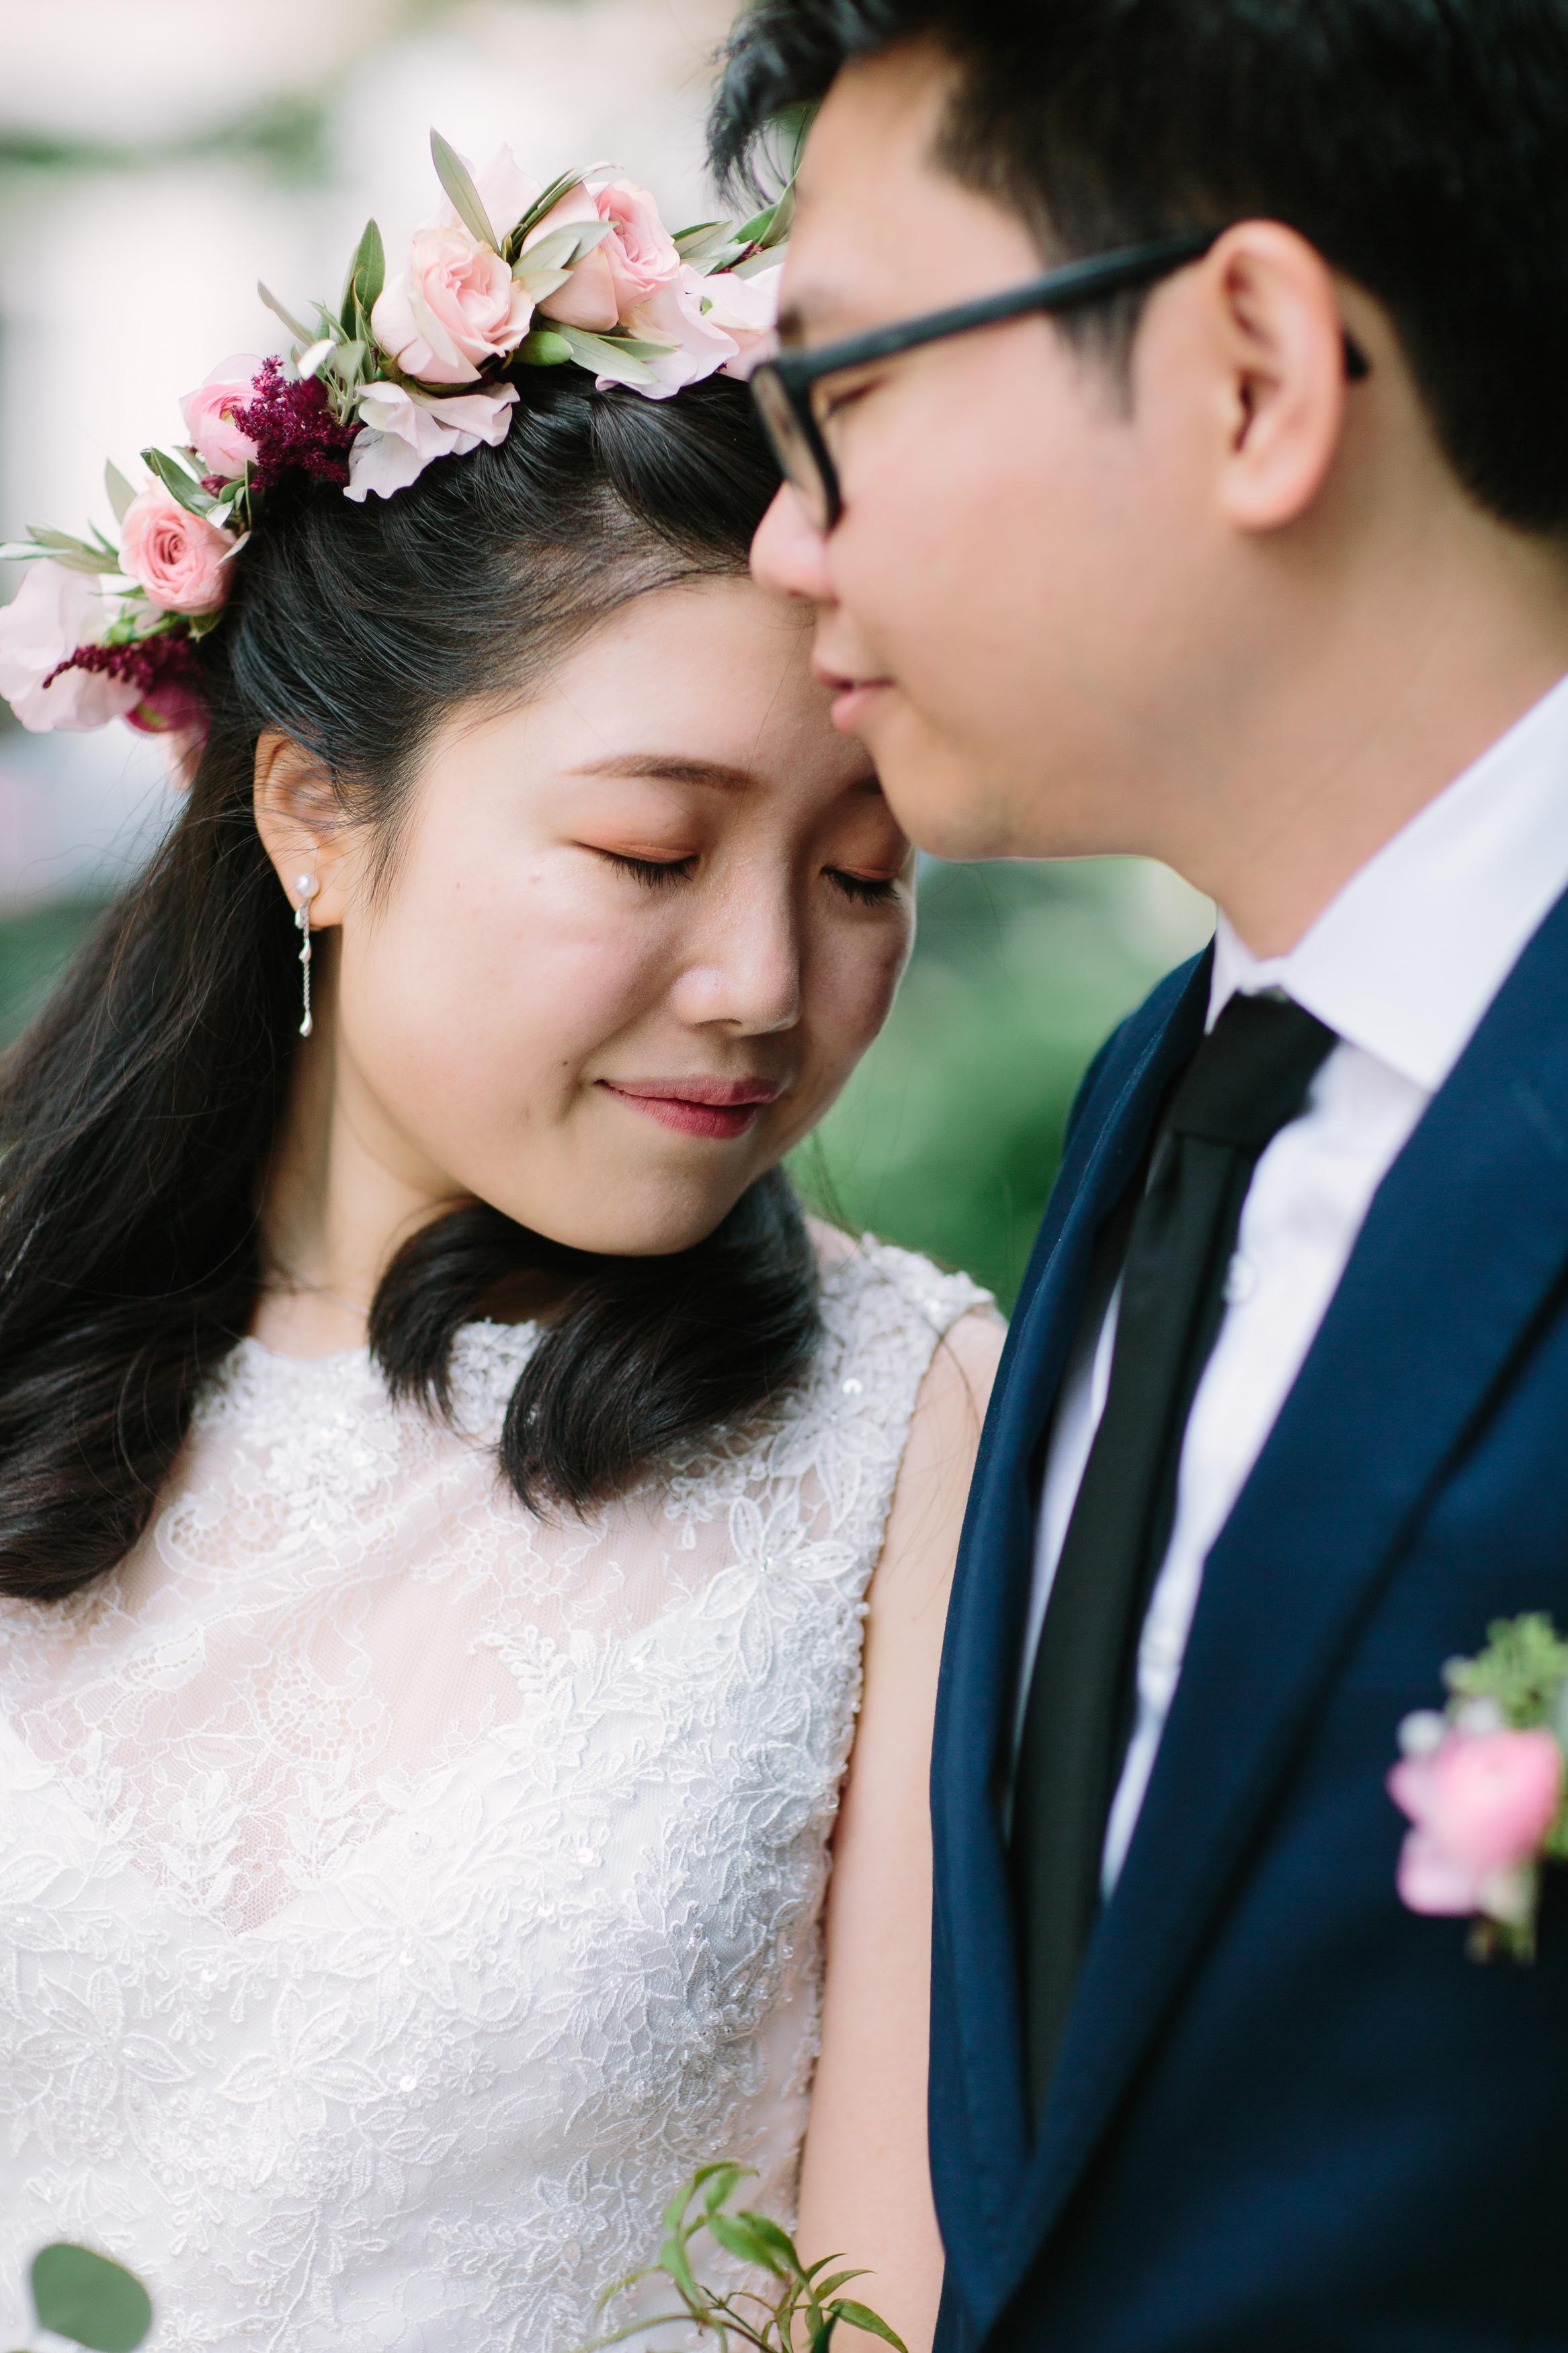 Nicodem Creative-Wang Wedding-Public Hotel Chicago-15.jpg